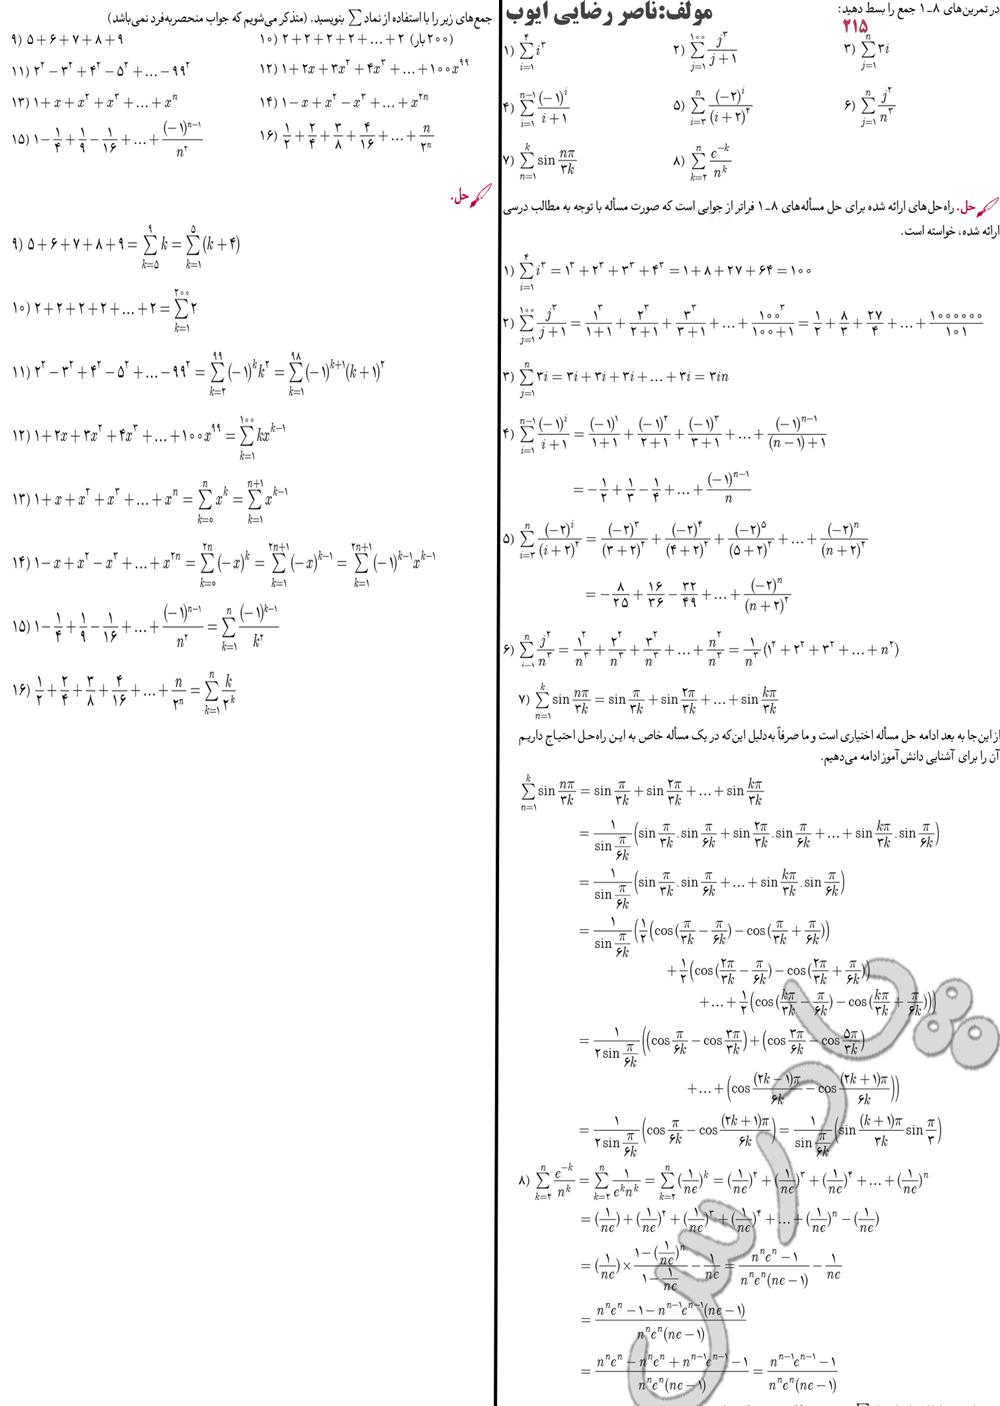 حل مسائل صفحه 219 دیفرانسیل پیش دانشگاهی